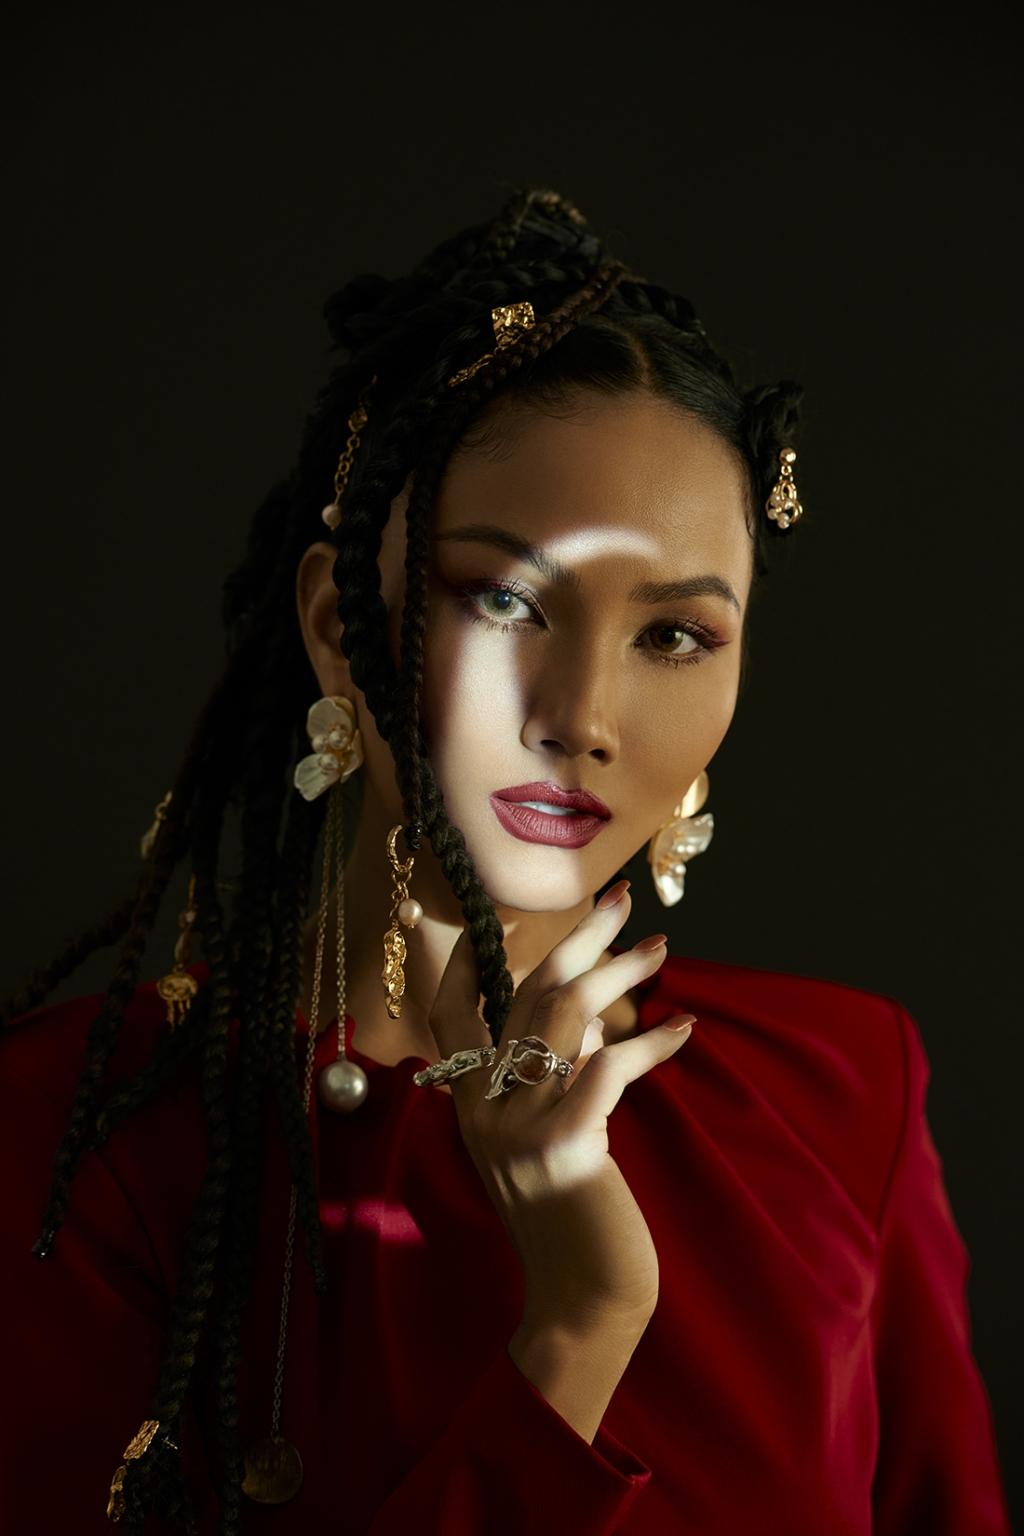 Hoa hậu H'Hen Niê sử dụng ngôn ngữ hình thể truyền tải thông điệp về phụ nữ